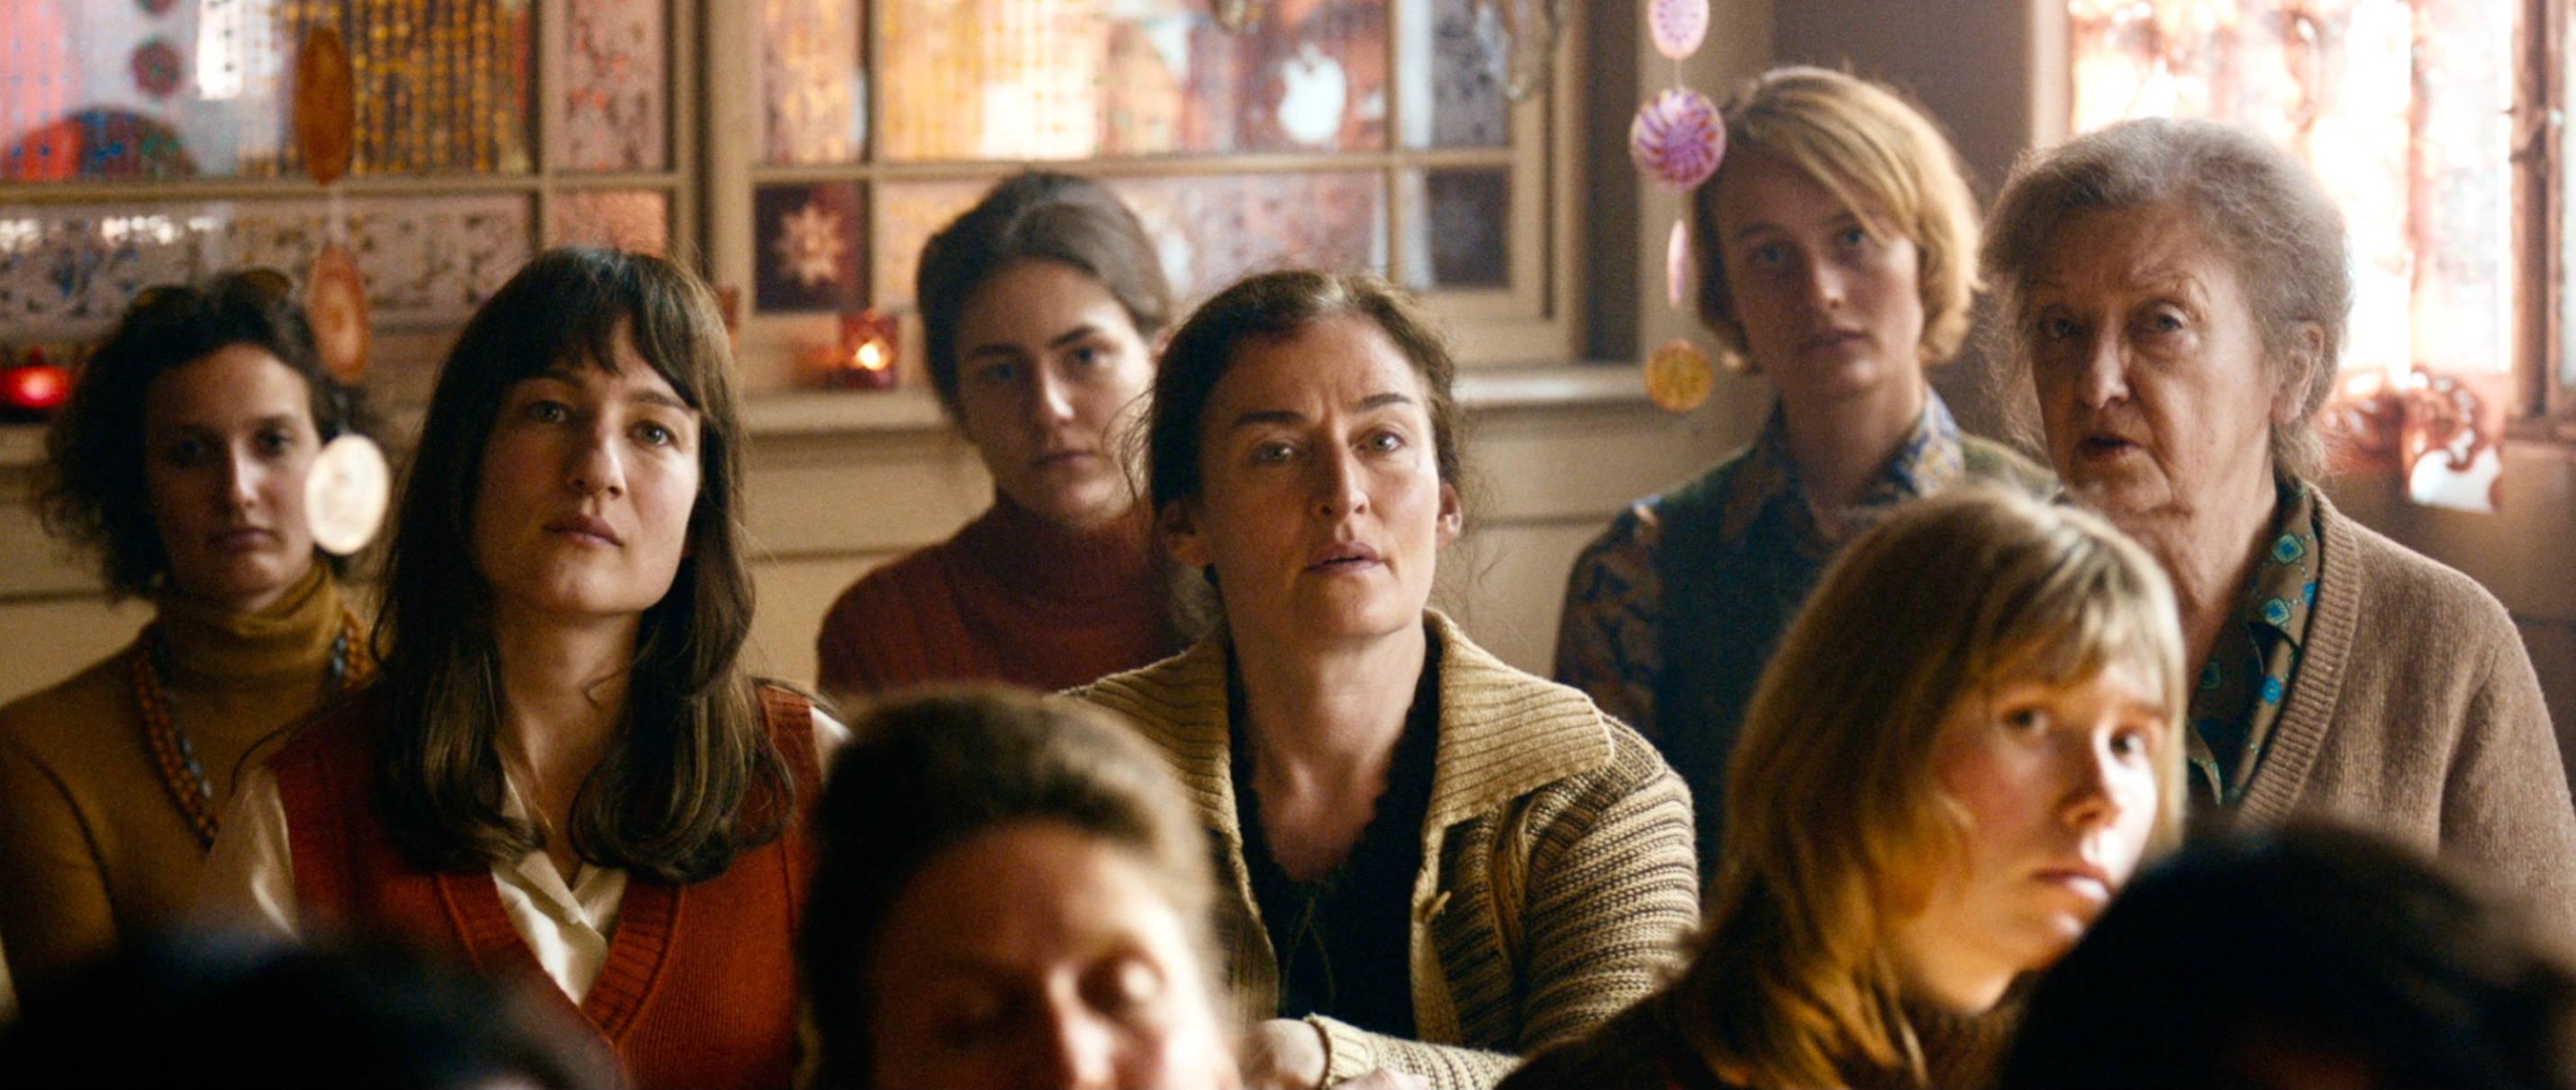 Die göttliche Ordnung - The Divine Order - Nora und die Dorffrauen beim Workshop - Regie Petra Volpe - Kamera Judith Kaufmann